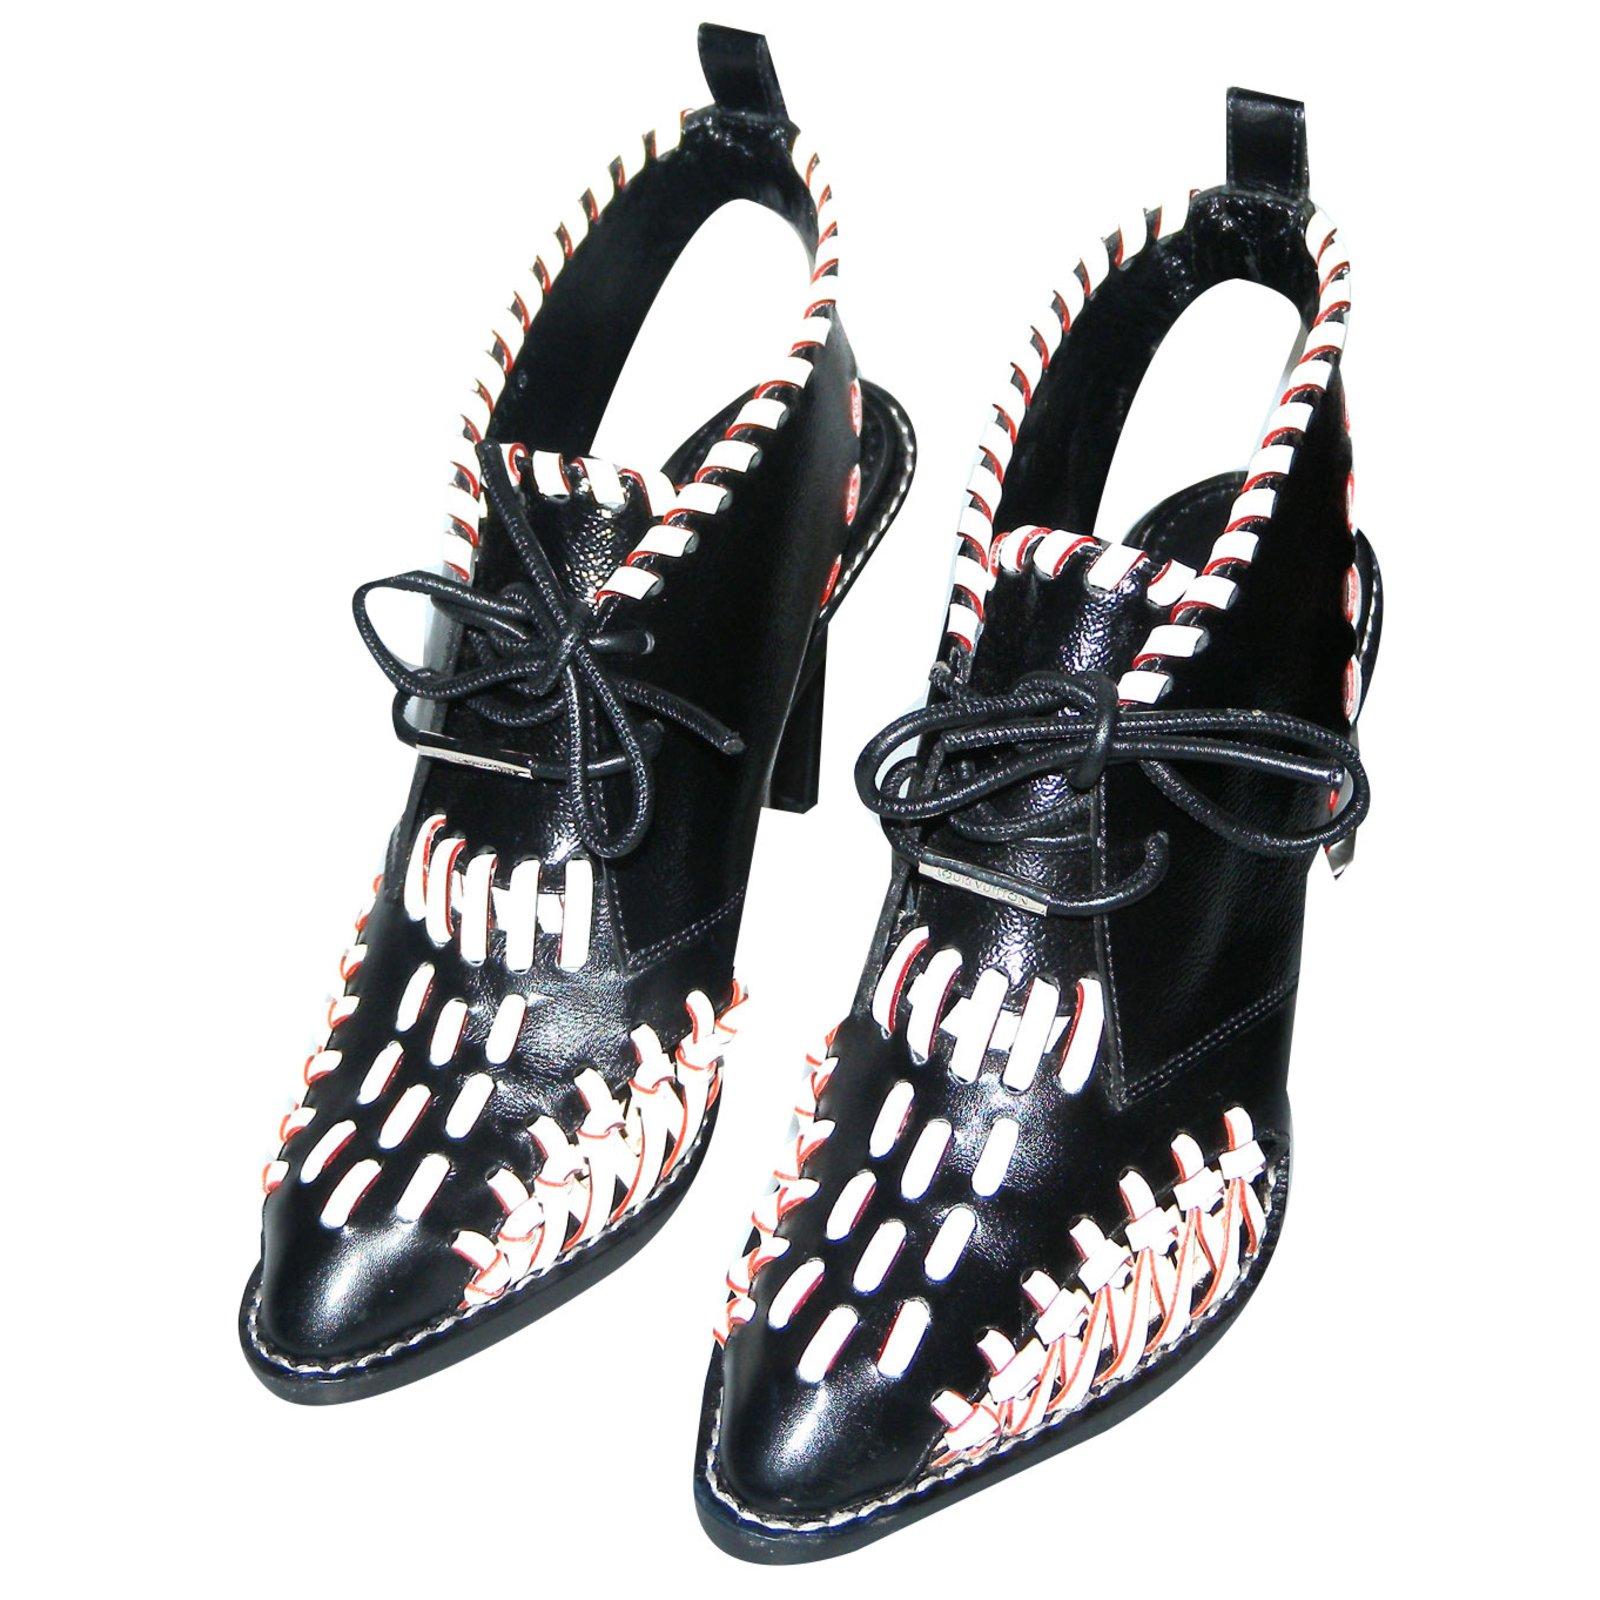 79c39495c1ea Louis Vuitton Sandals Sandals Leather Black